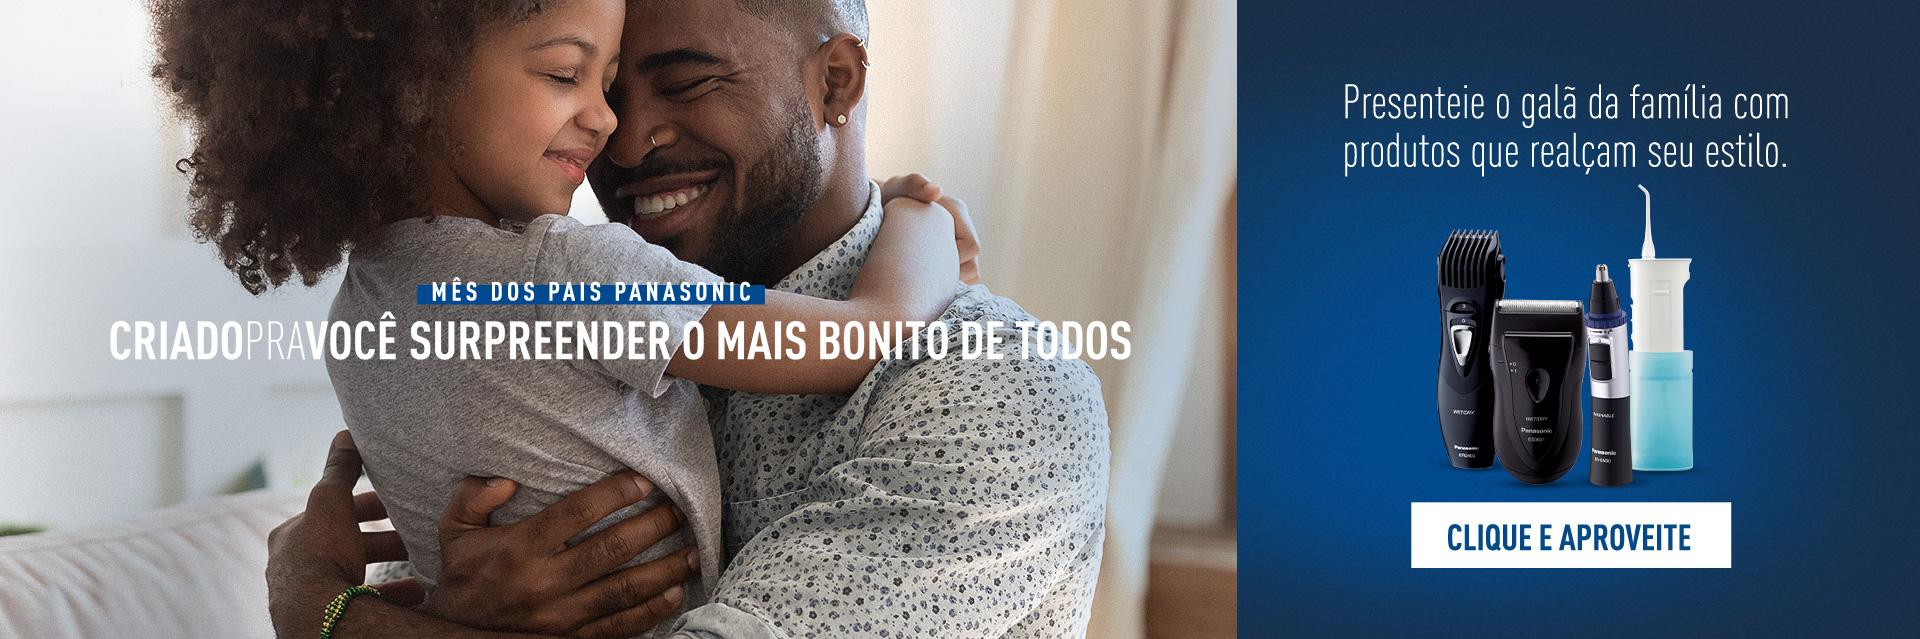 dia-dos-pais-2020